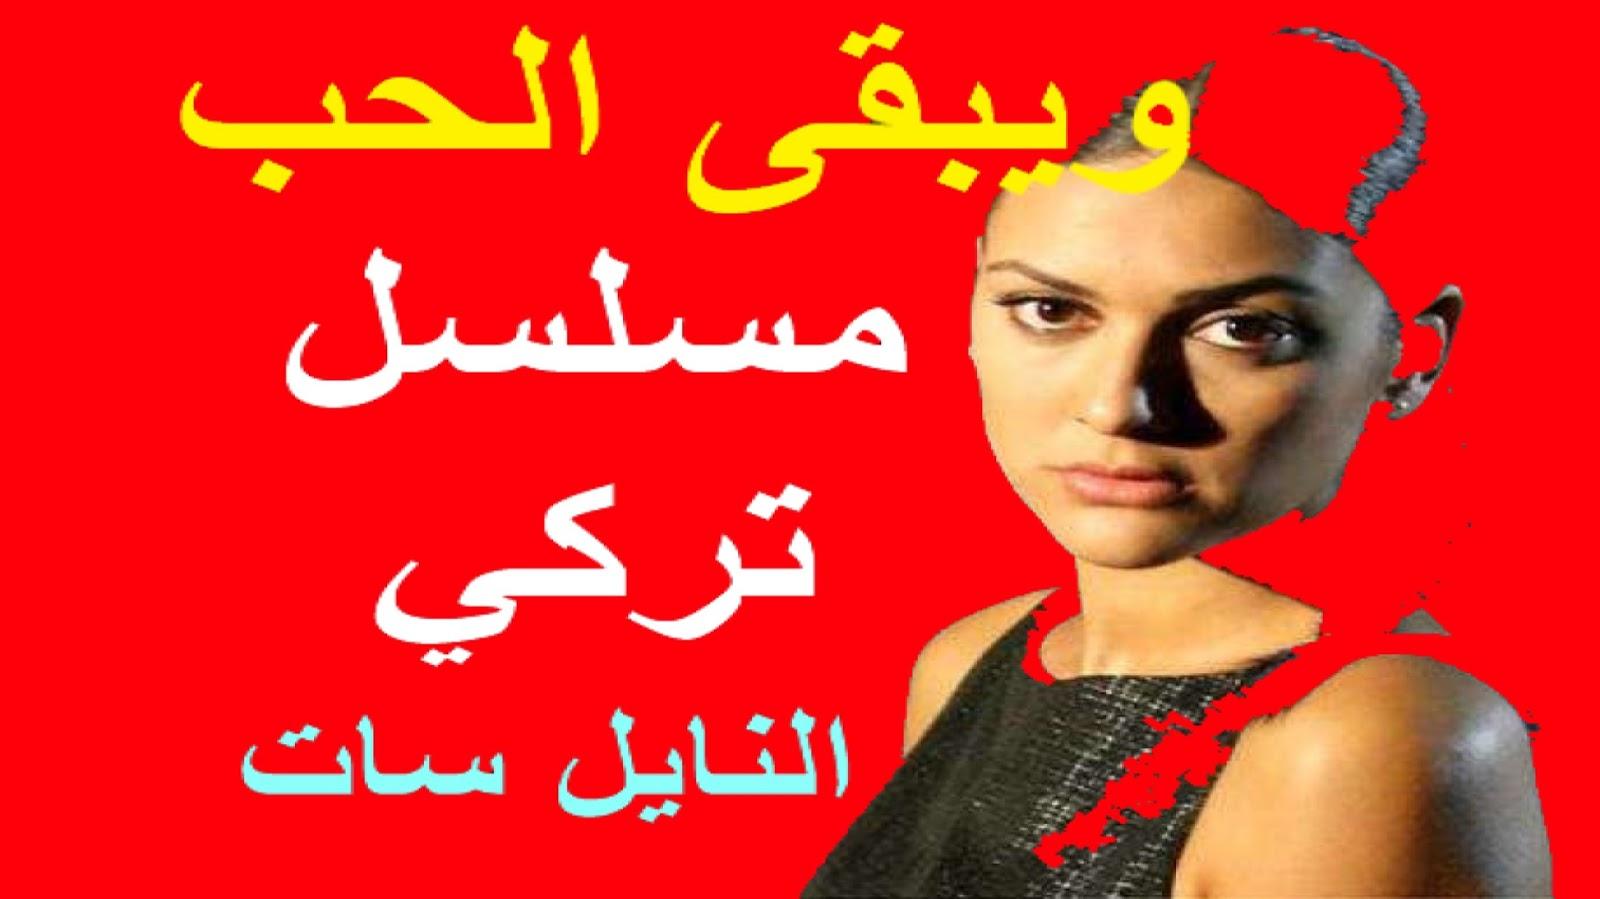 تردد قناة المسلسل التركي ويبقى الحب مدبلج على النايل سات